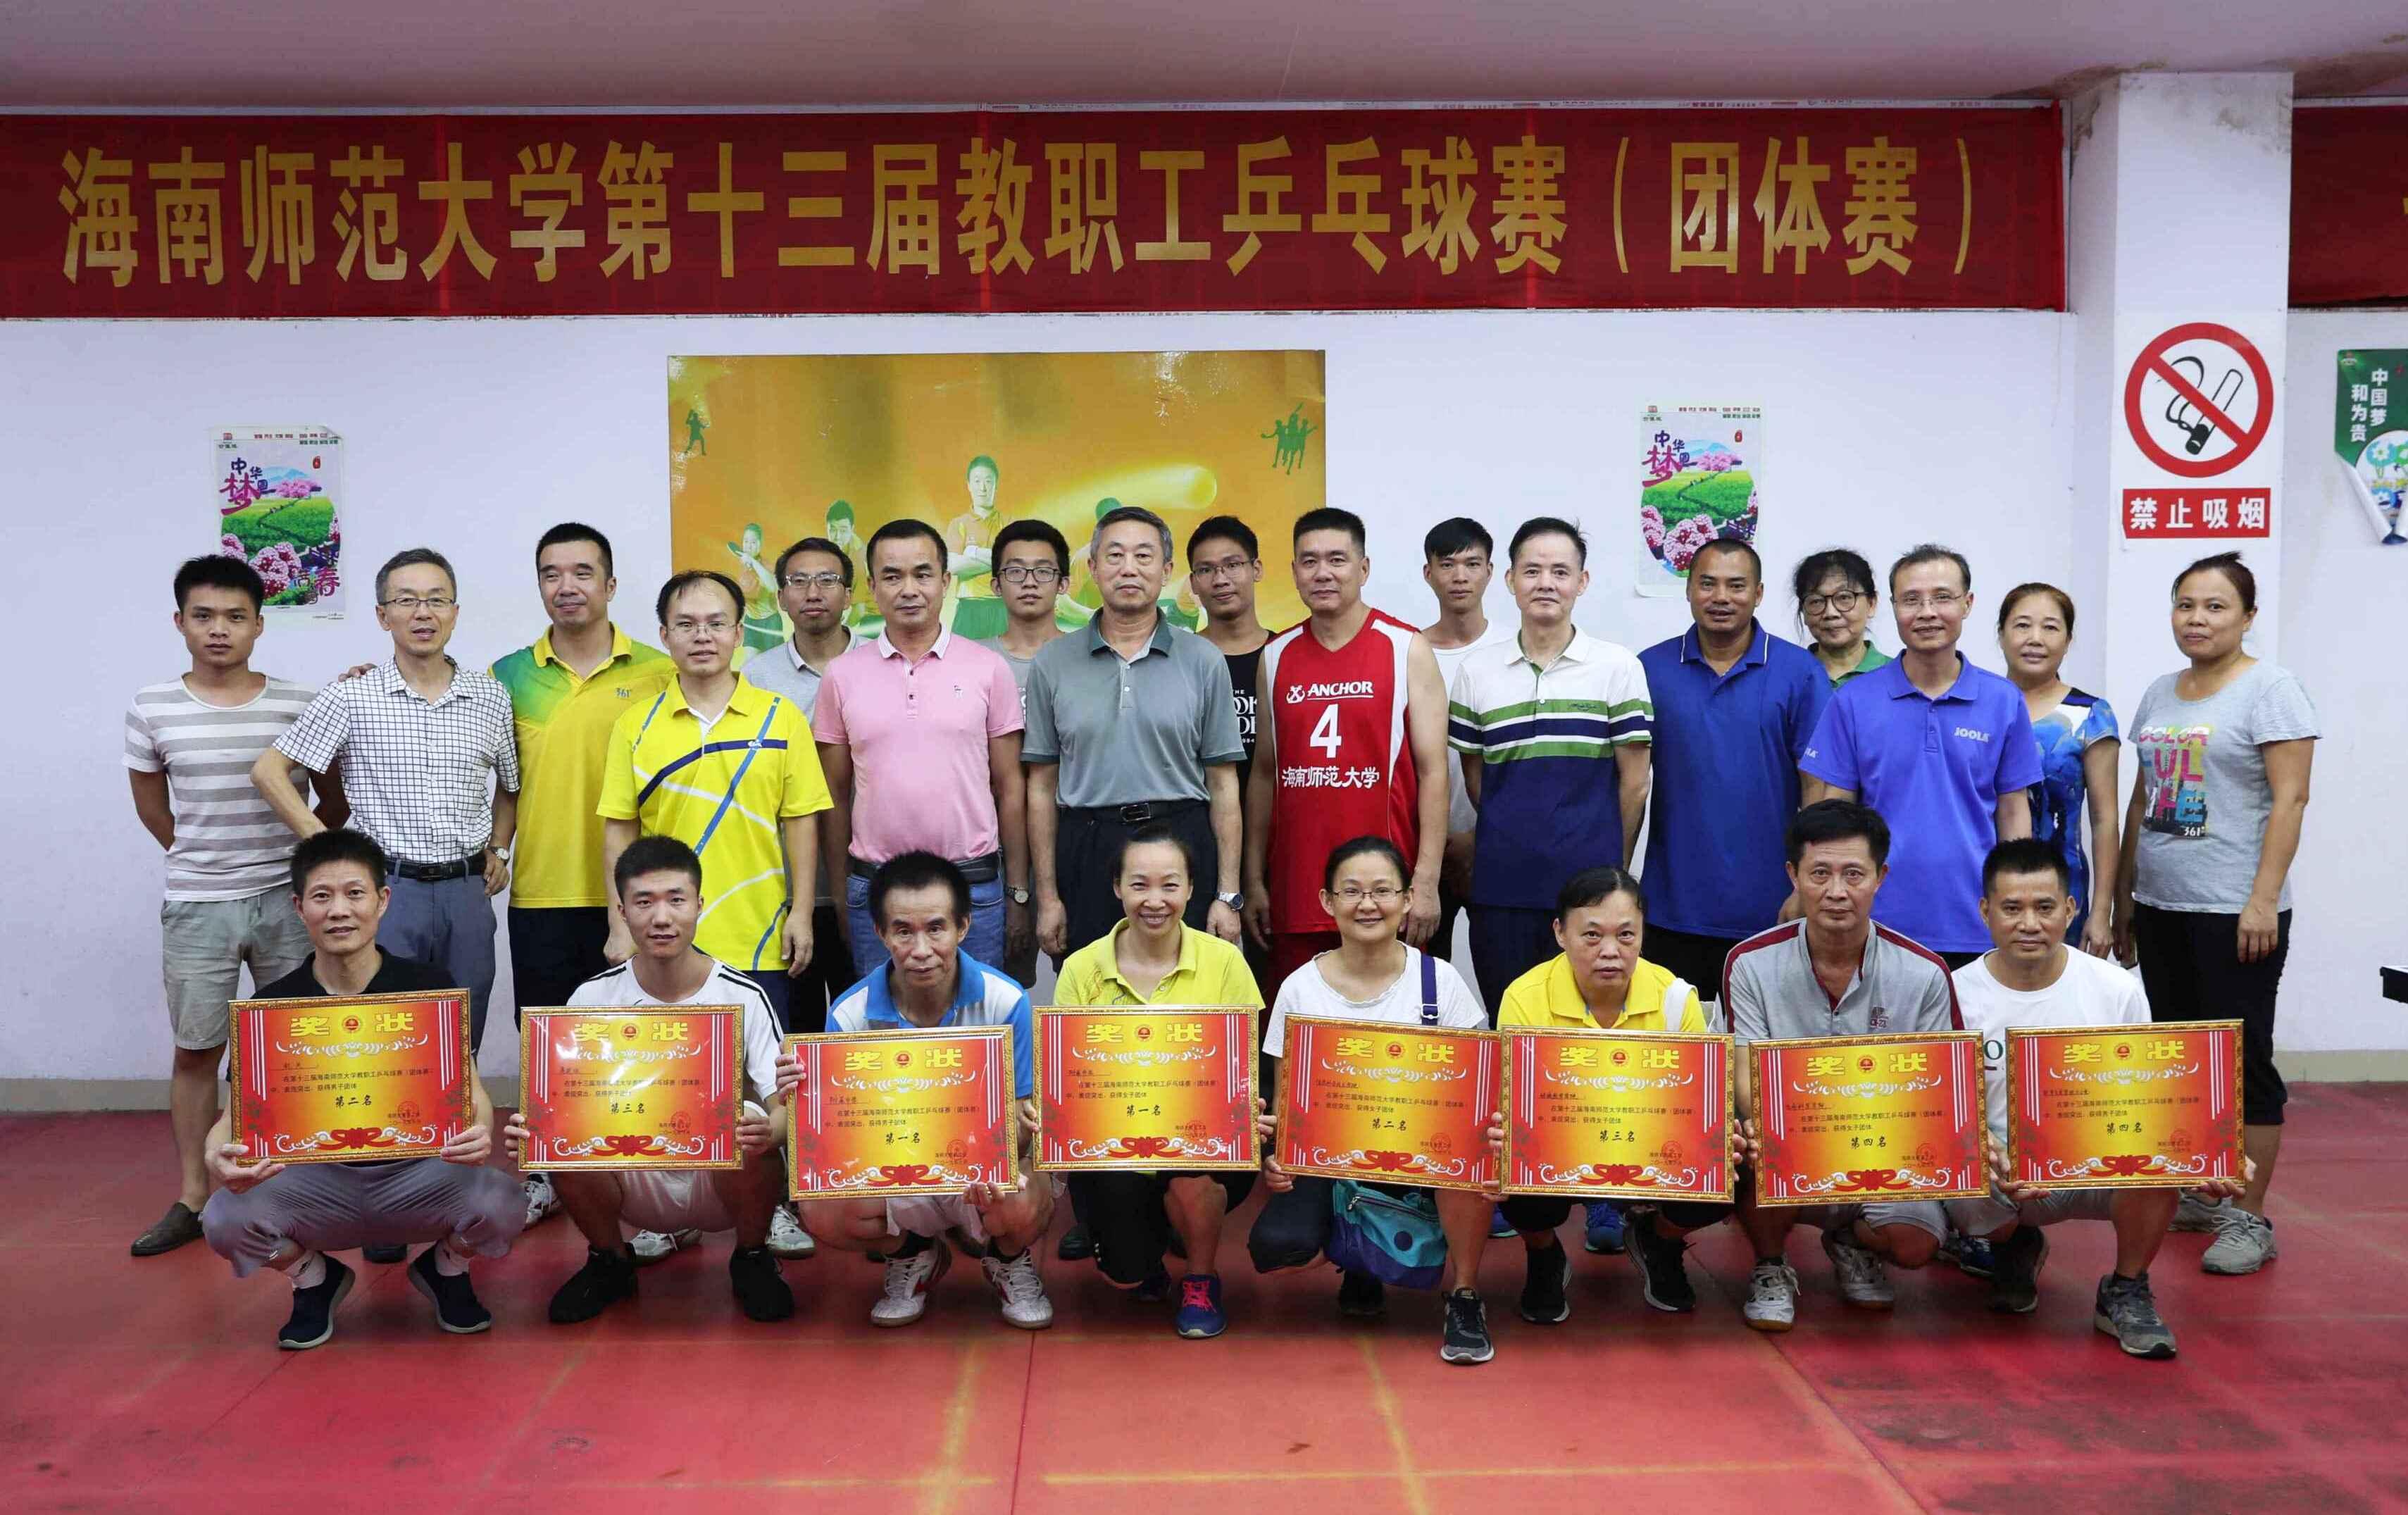 我校第十三届教职工乒乓球赛(团体赛)闭幕